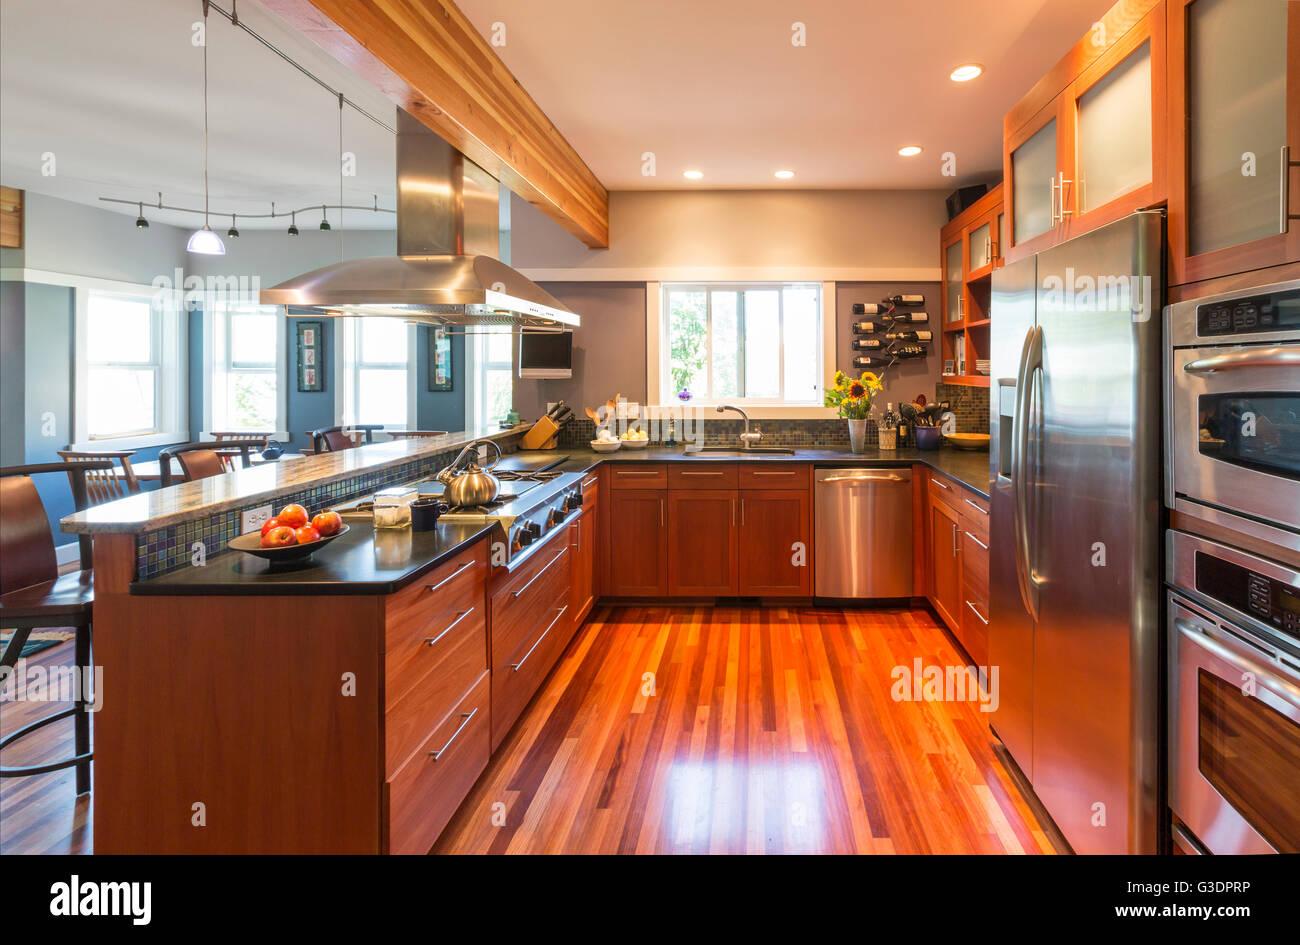 Geräumige, Moderne Gehobene Küche Zu Hause Innenraum Mit Holz Schränke U0026  Böden, Akzentbeleuchtung Stockbild